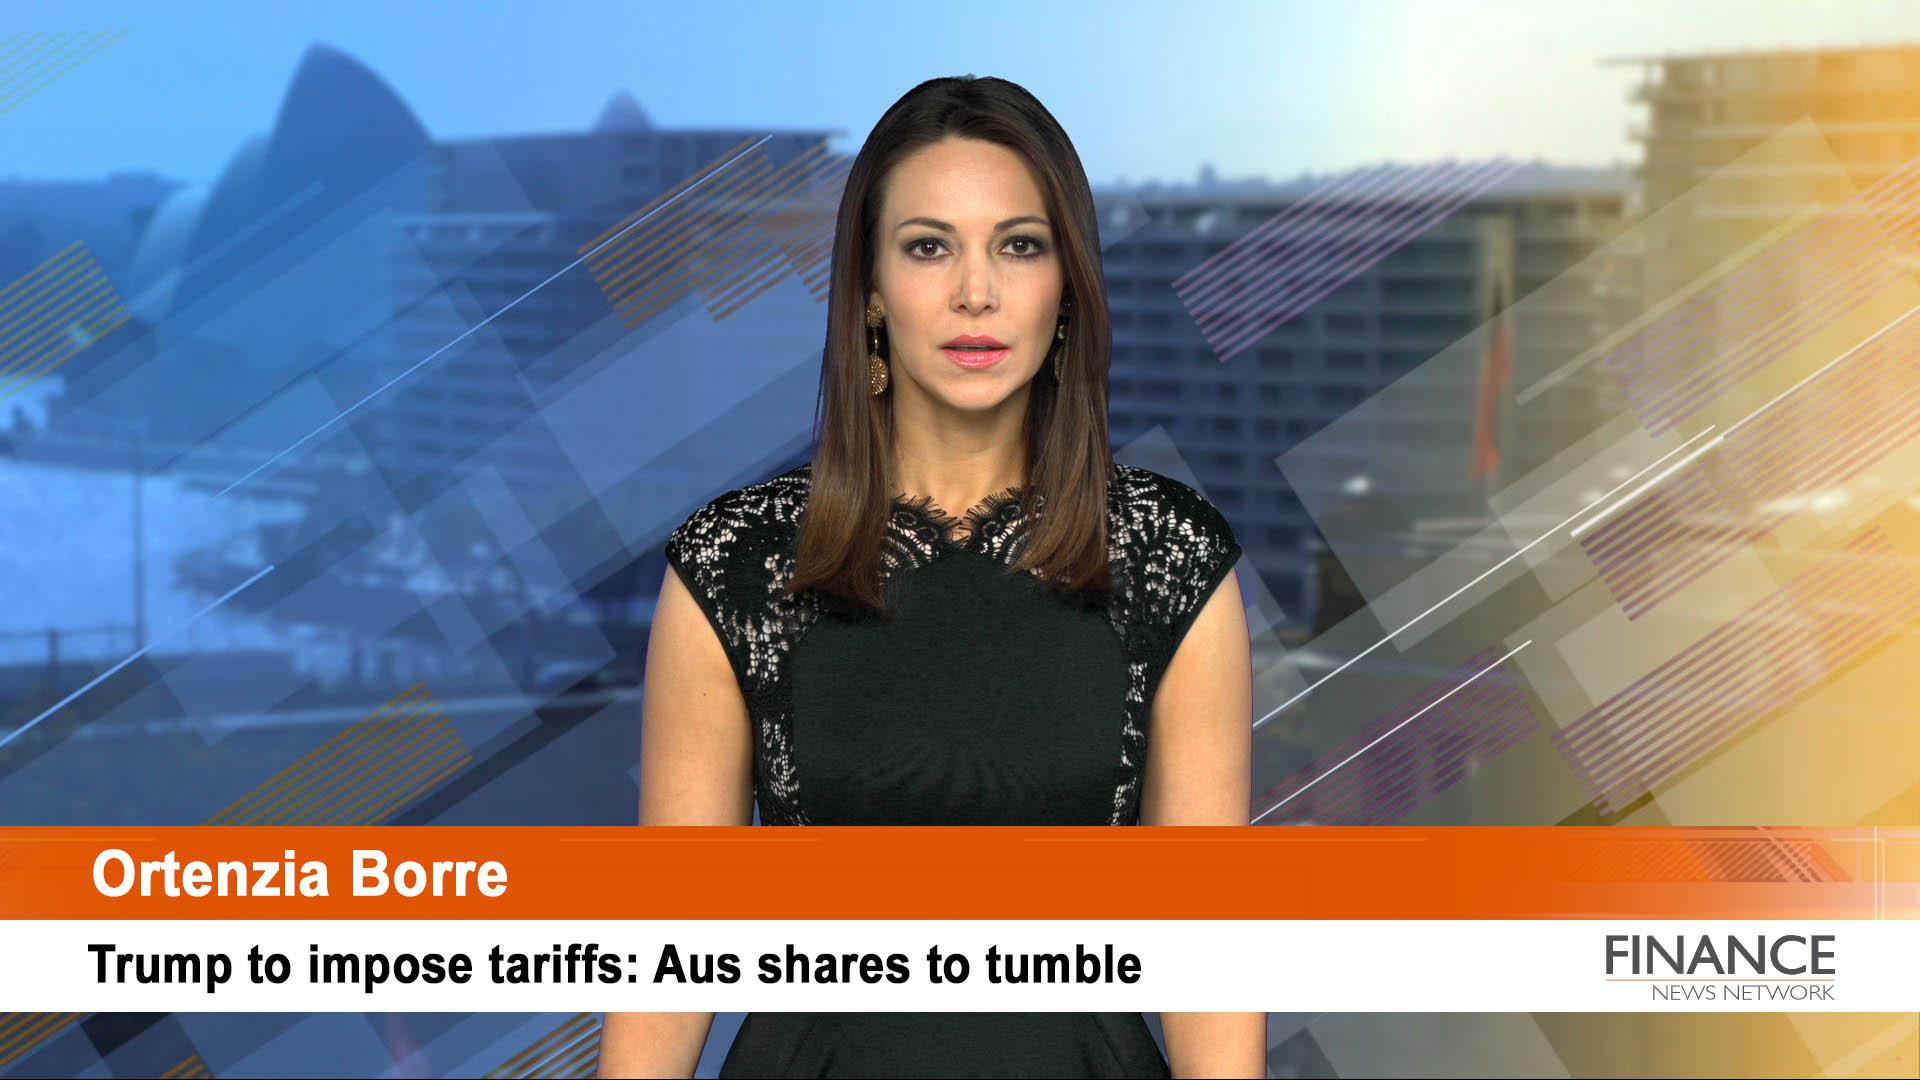 Trump to impose tariffs: Aus shares to tumble